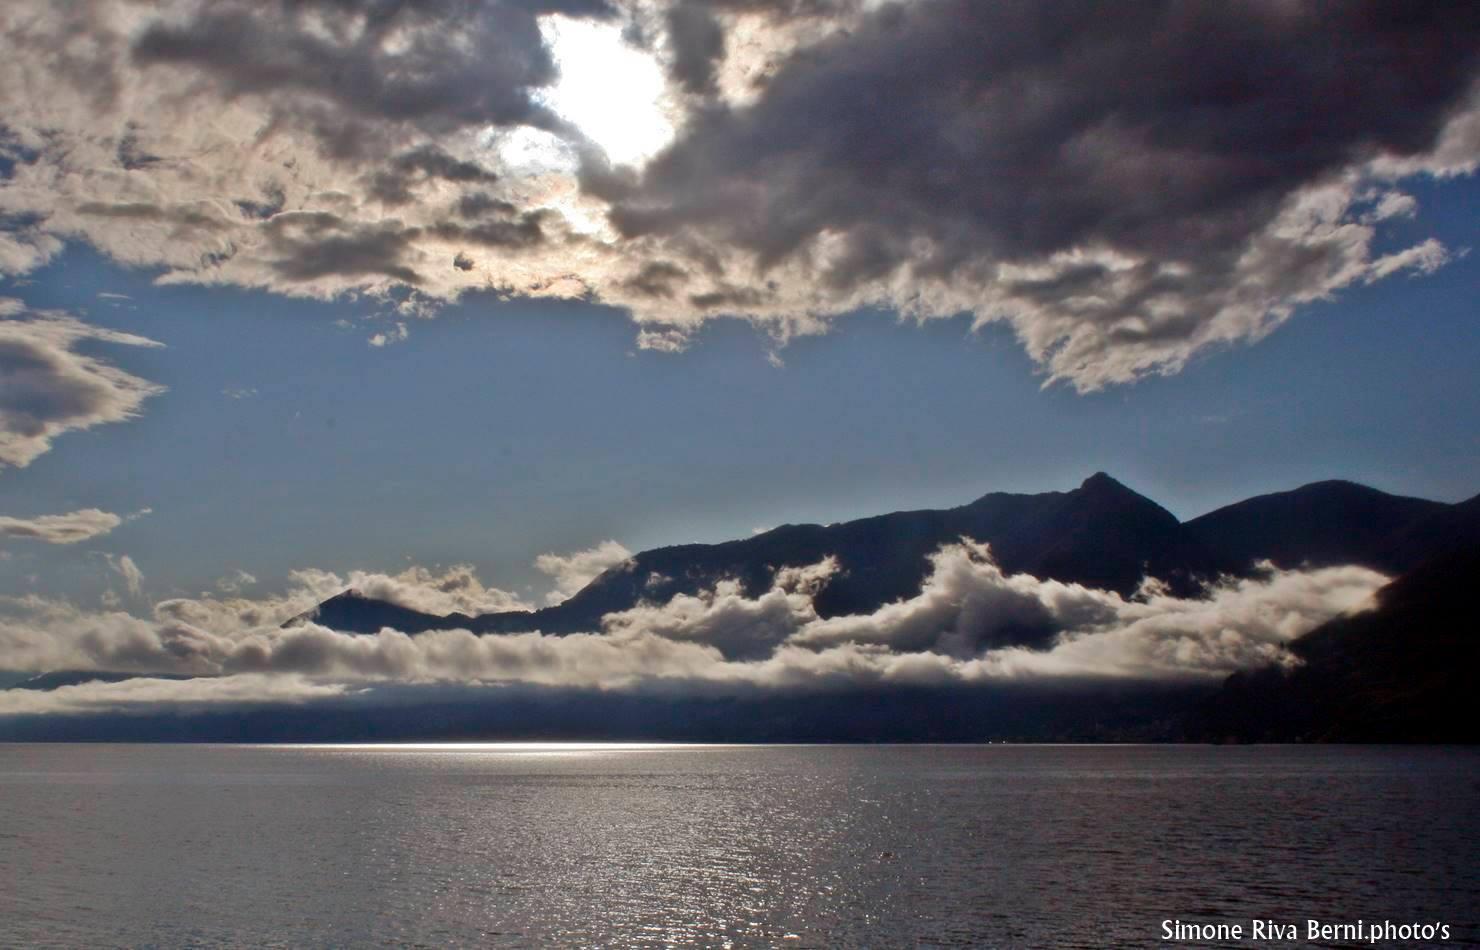 La magia delle nuvole a Maccagno sul lago Maggiore